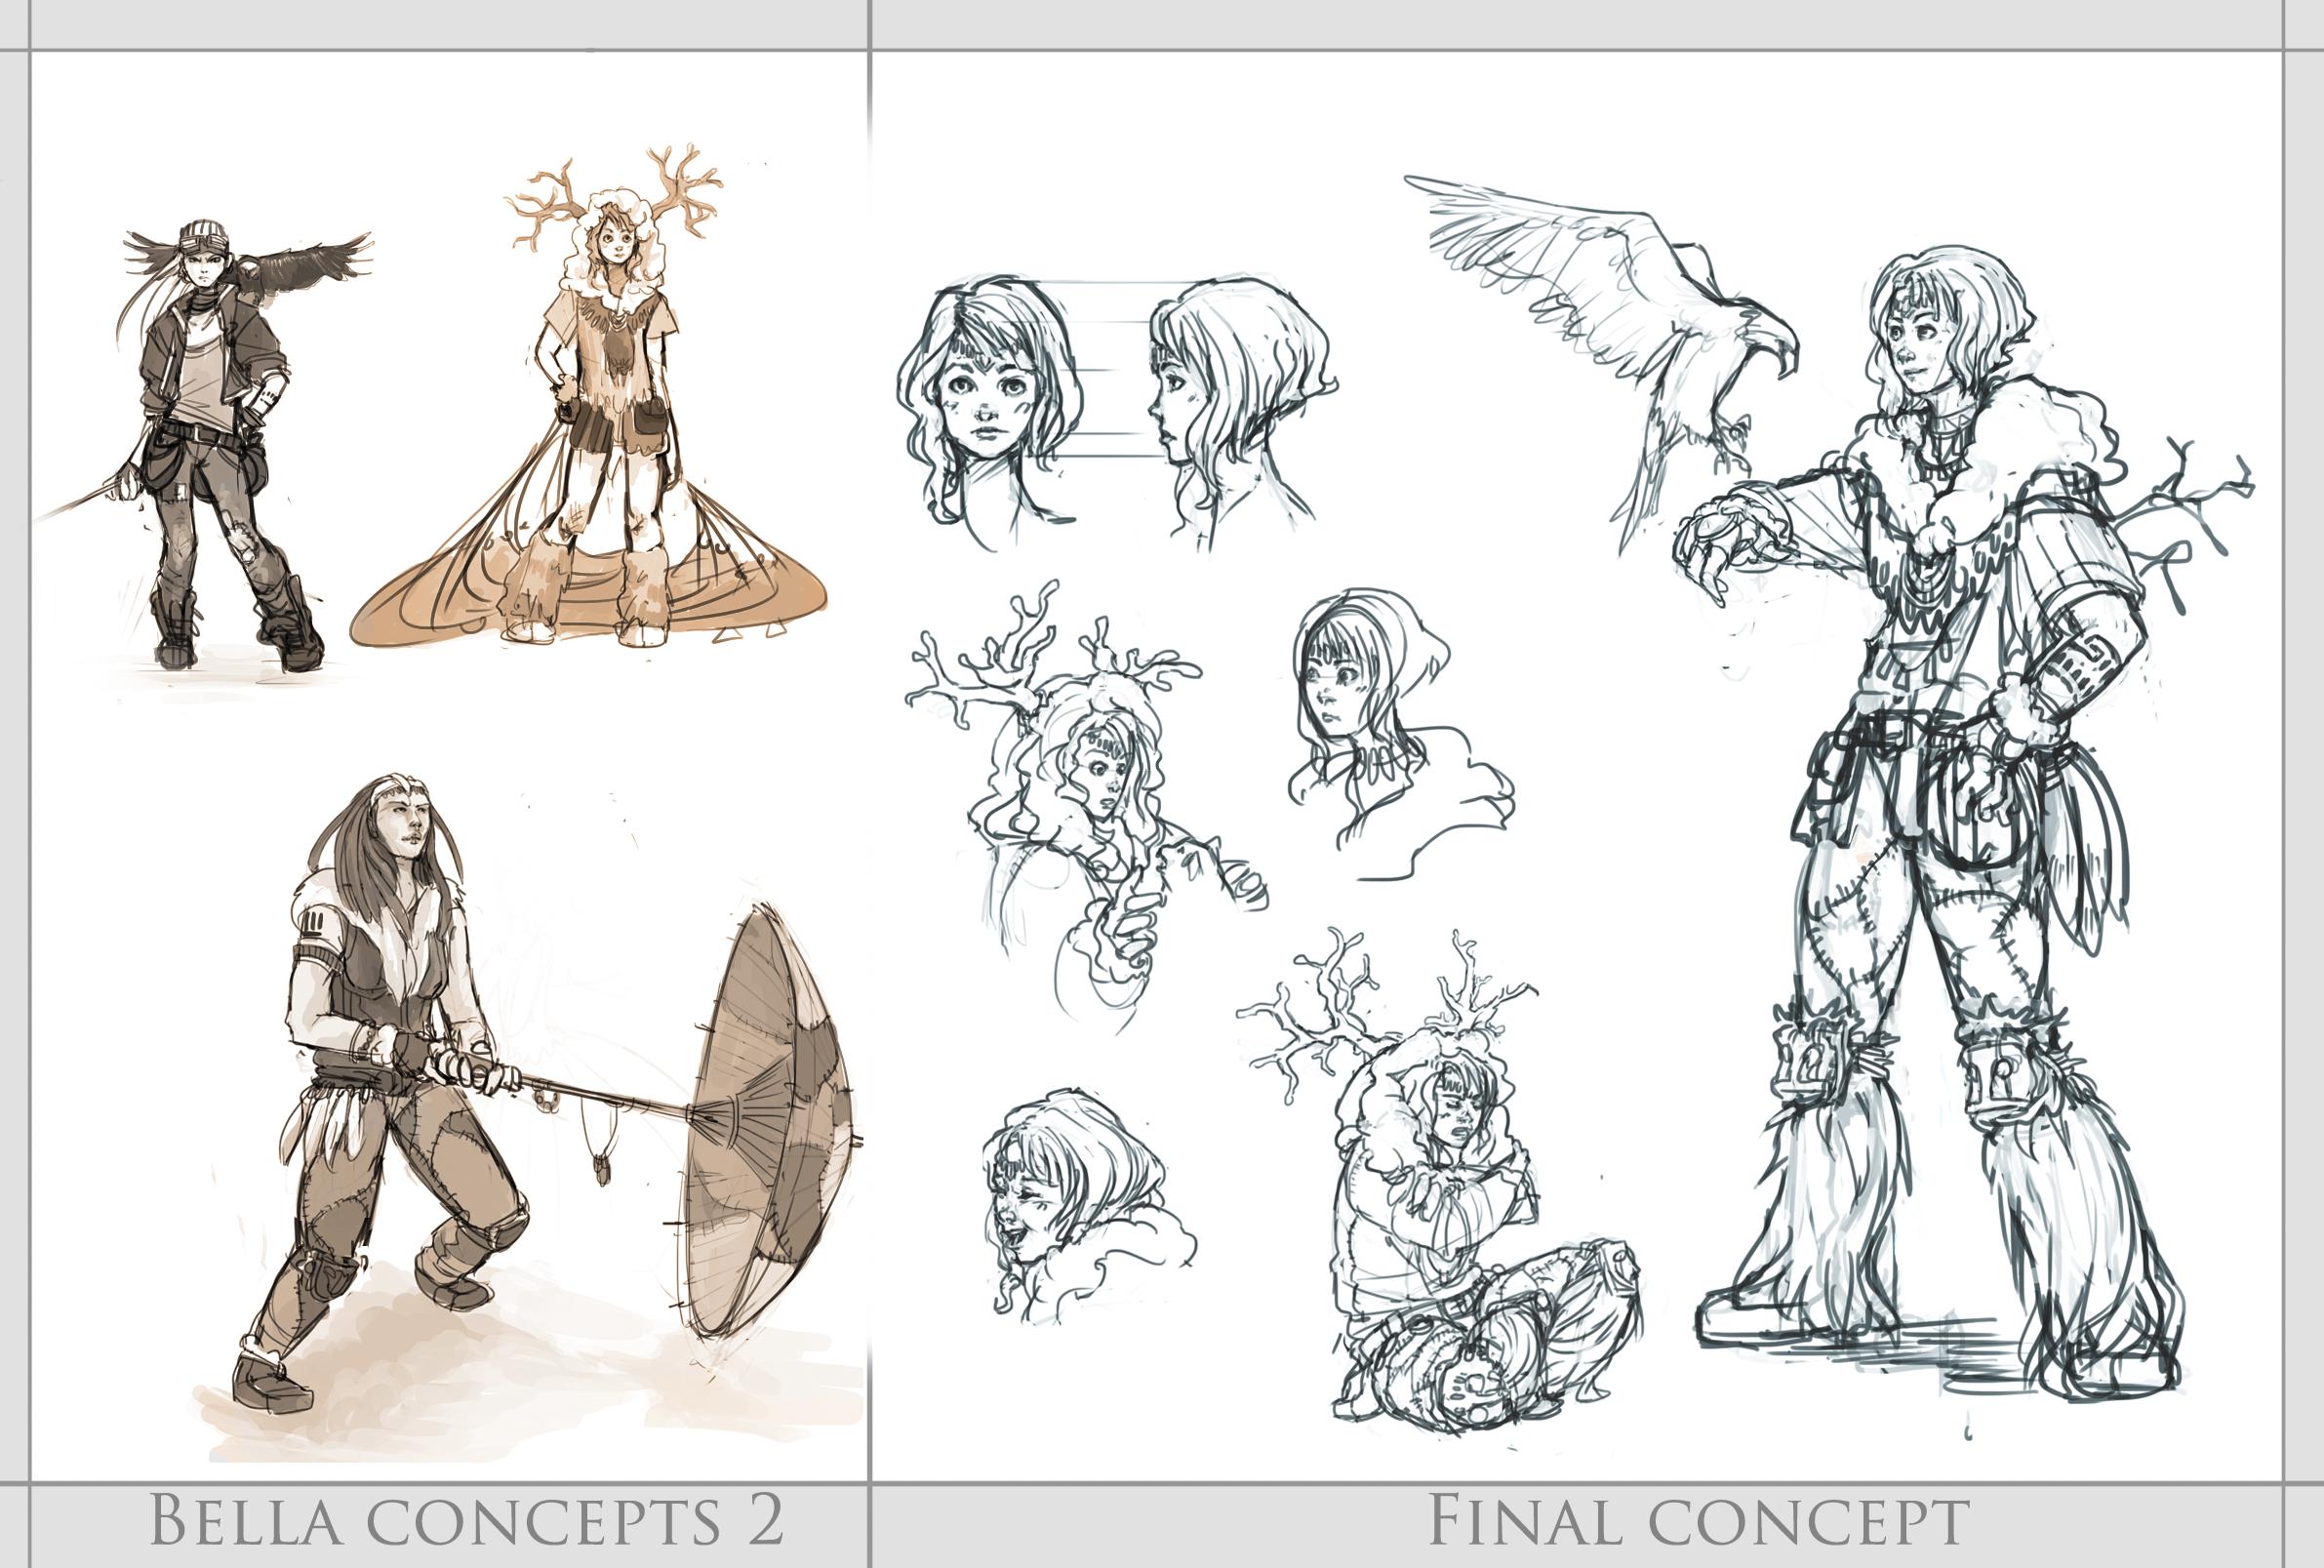 Character Development Design Process : Bella concept final design by resusan on deviantart